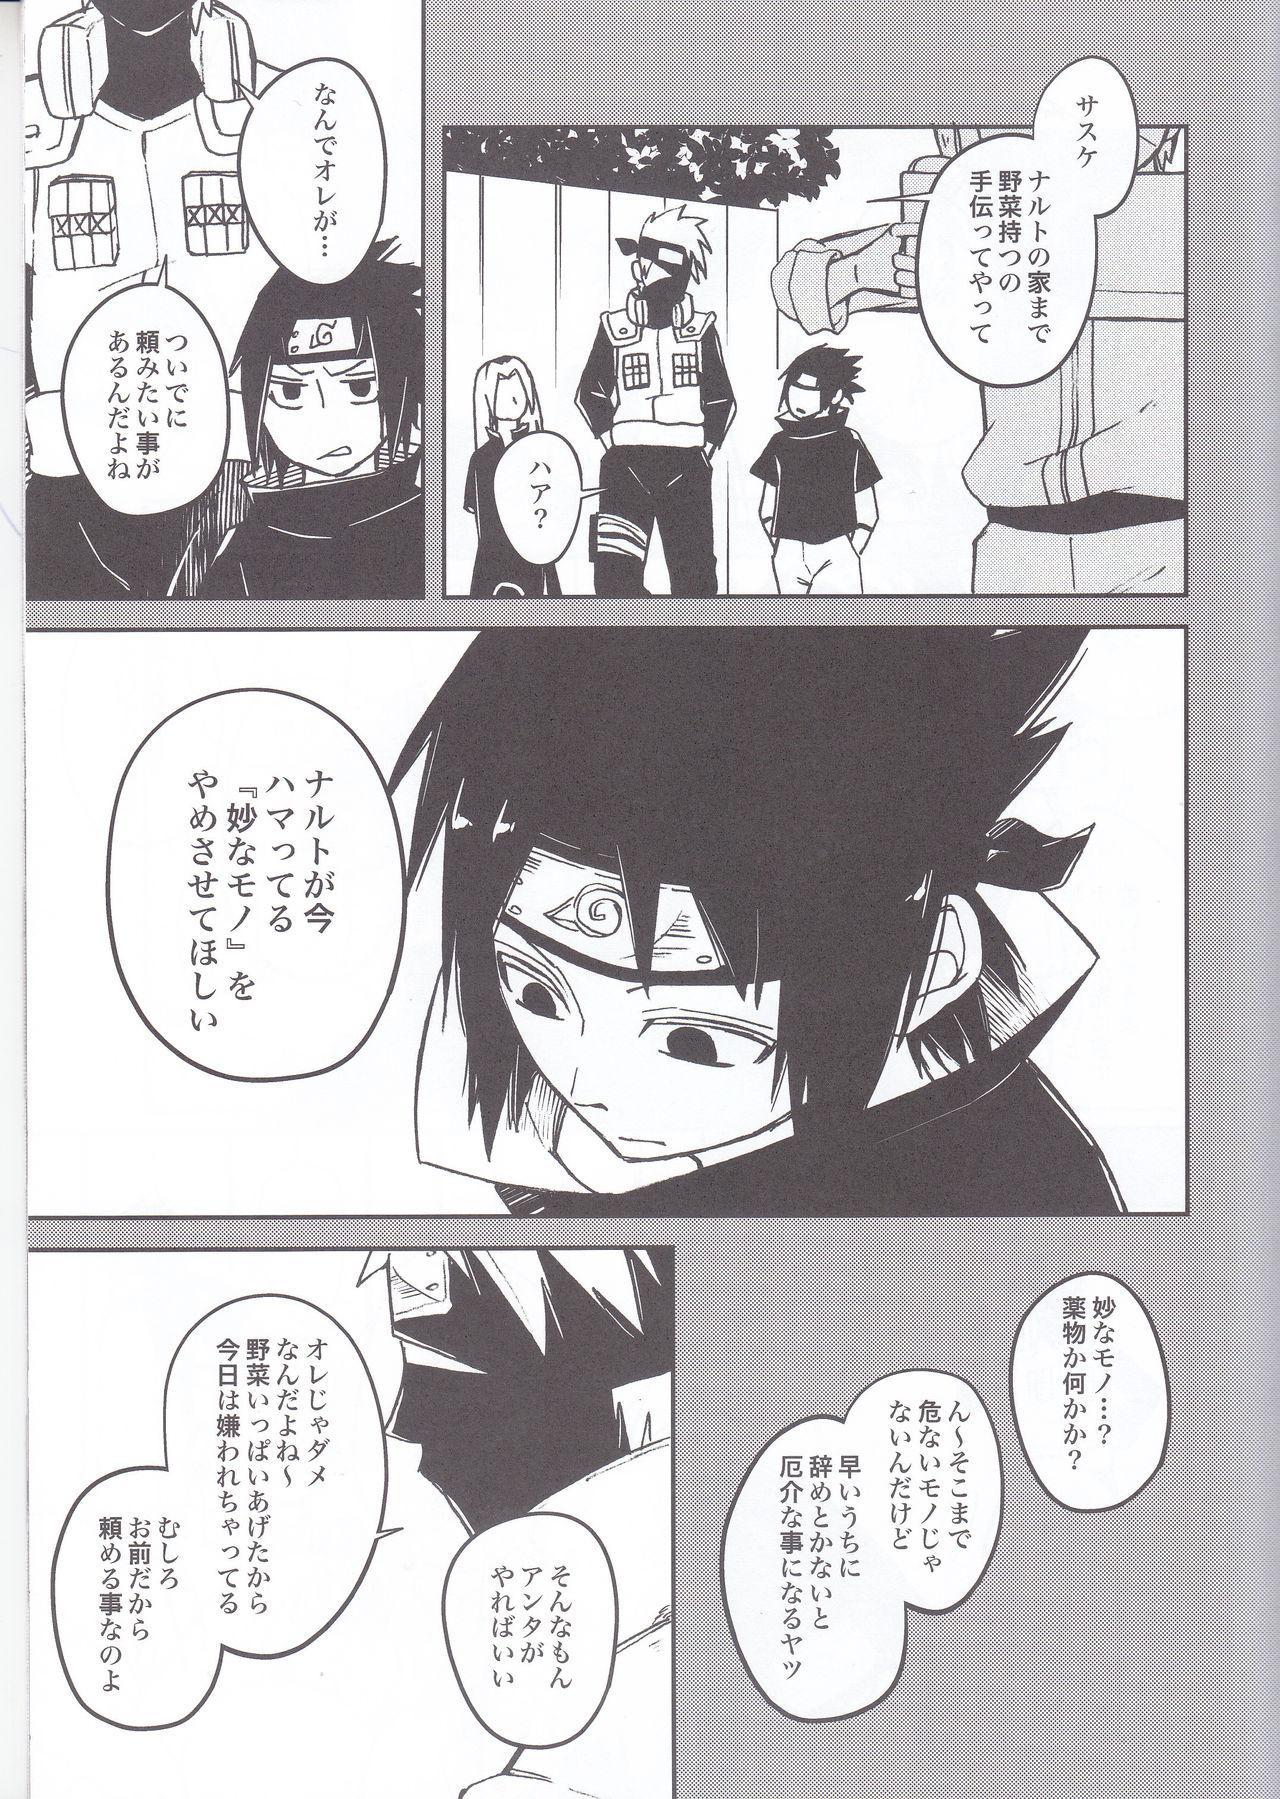 (C91) [Pot8os (McQueen Michino)] Ramen Daisuki Naruto-kun to Sasuke-kun (Naruto) 6